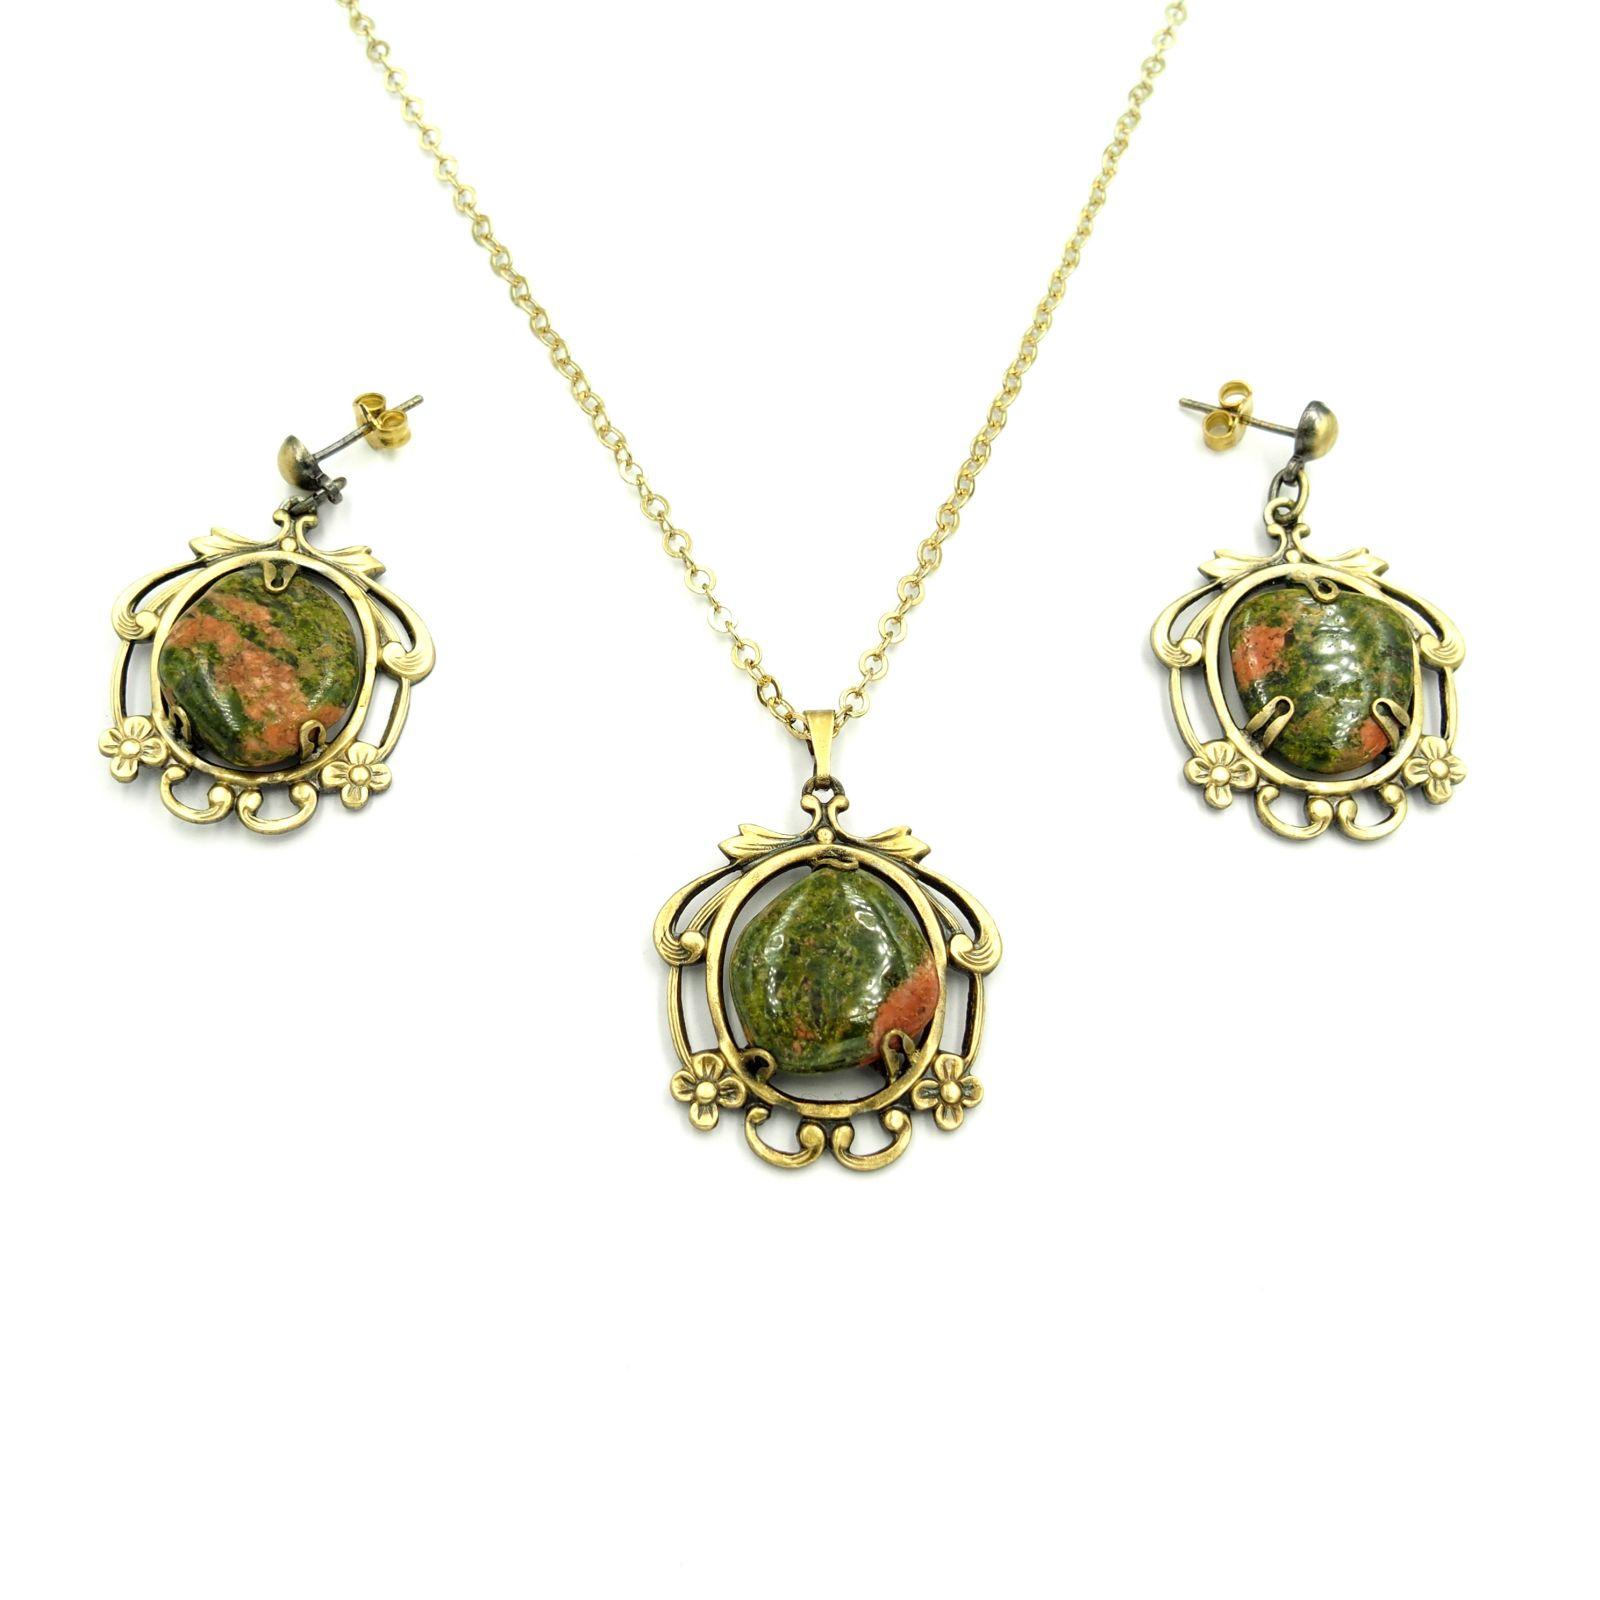 náhrdelník s přívěskem a naušnicemi (f)